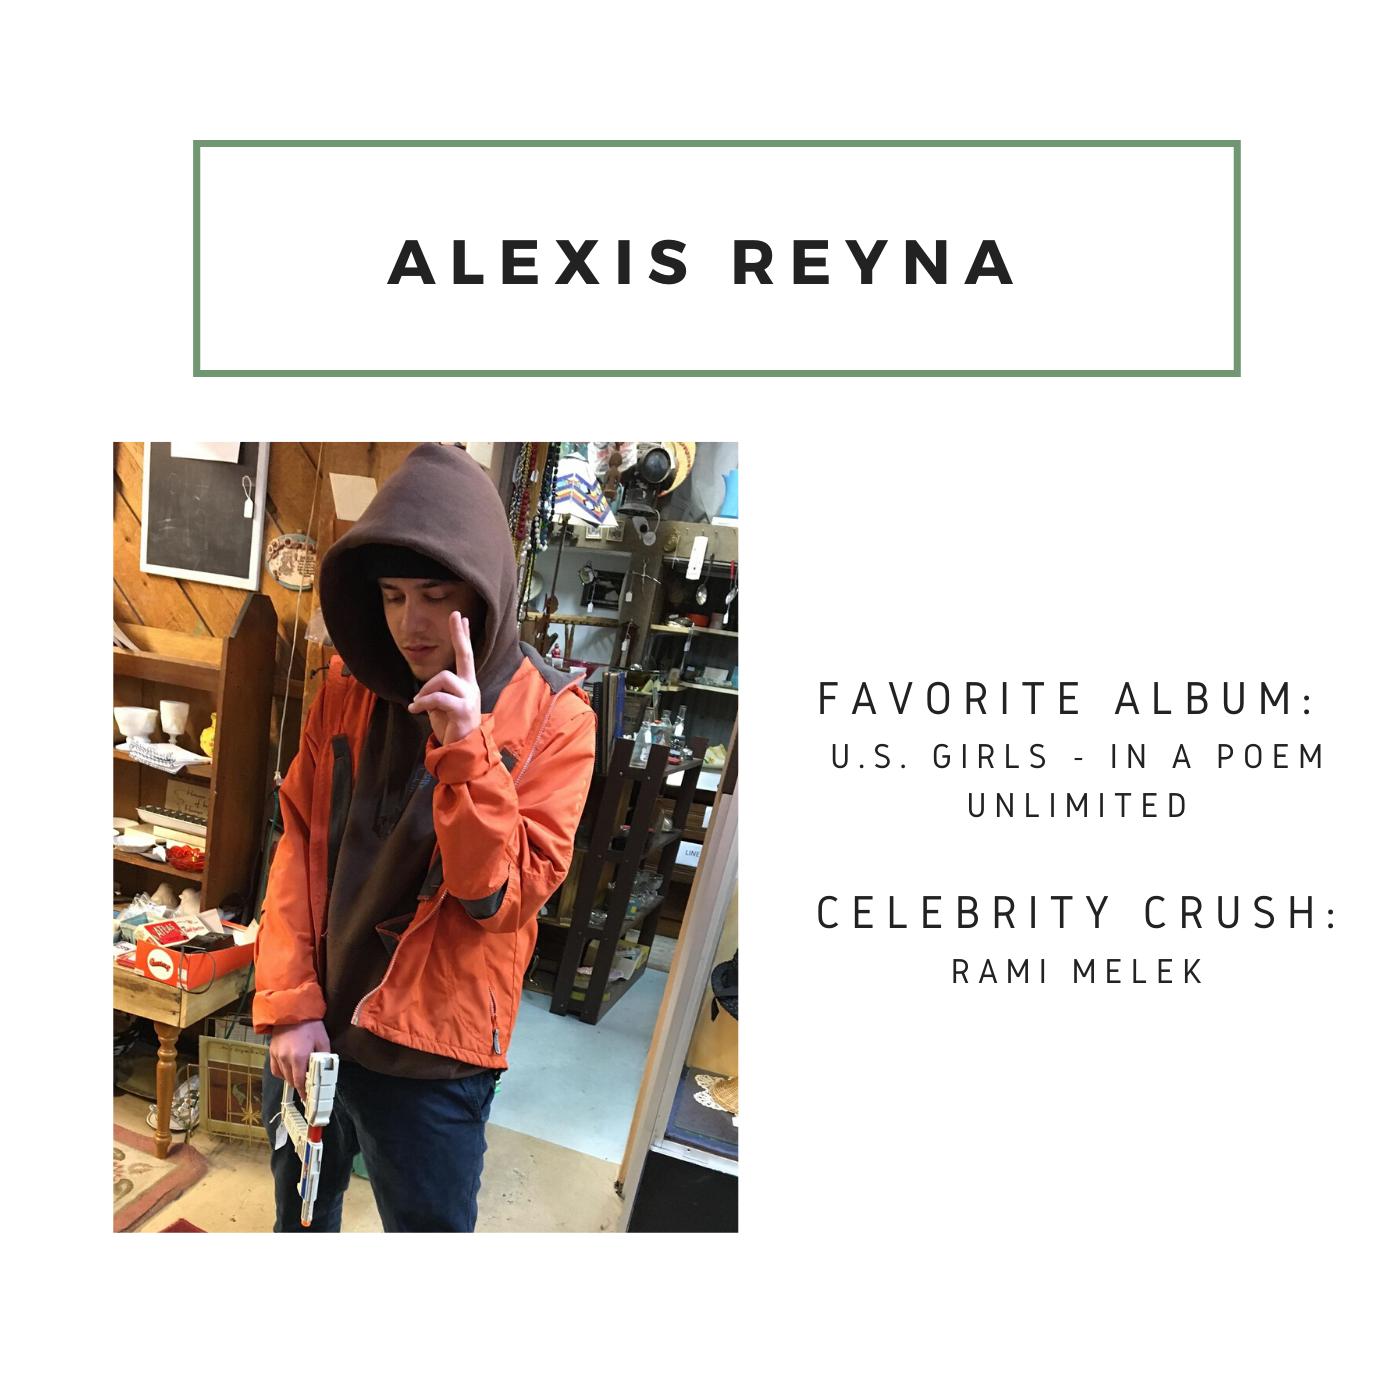 Alexis Reyna